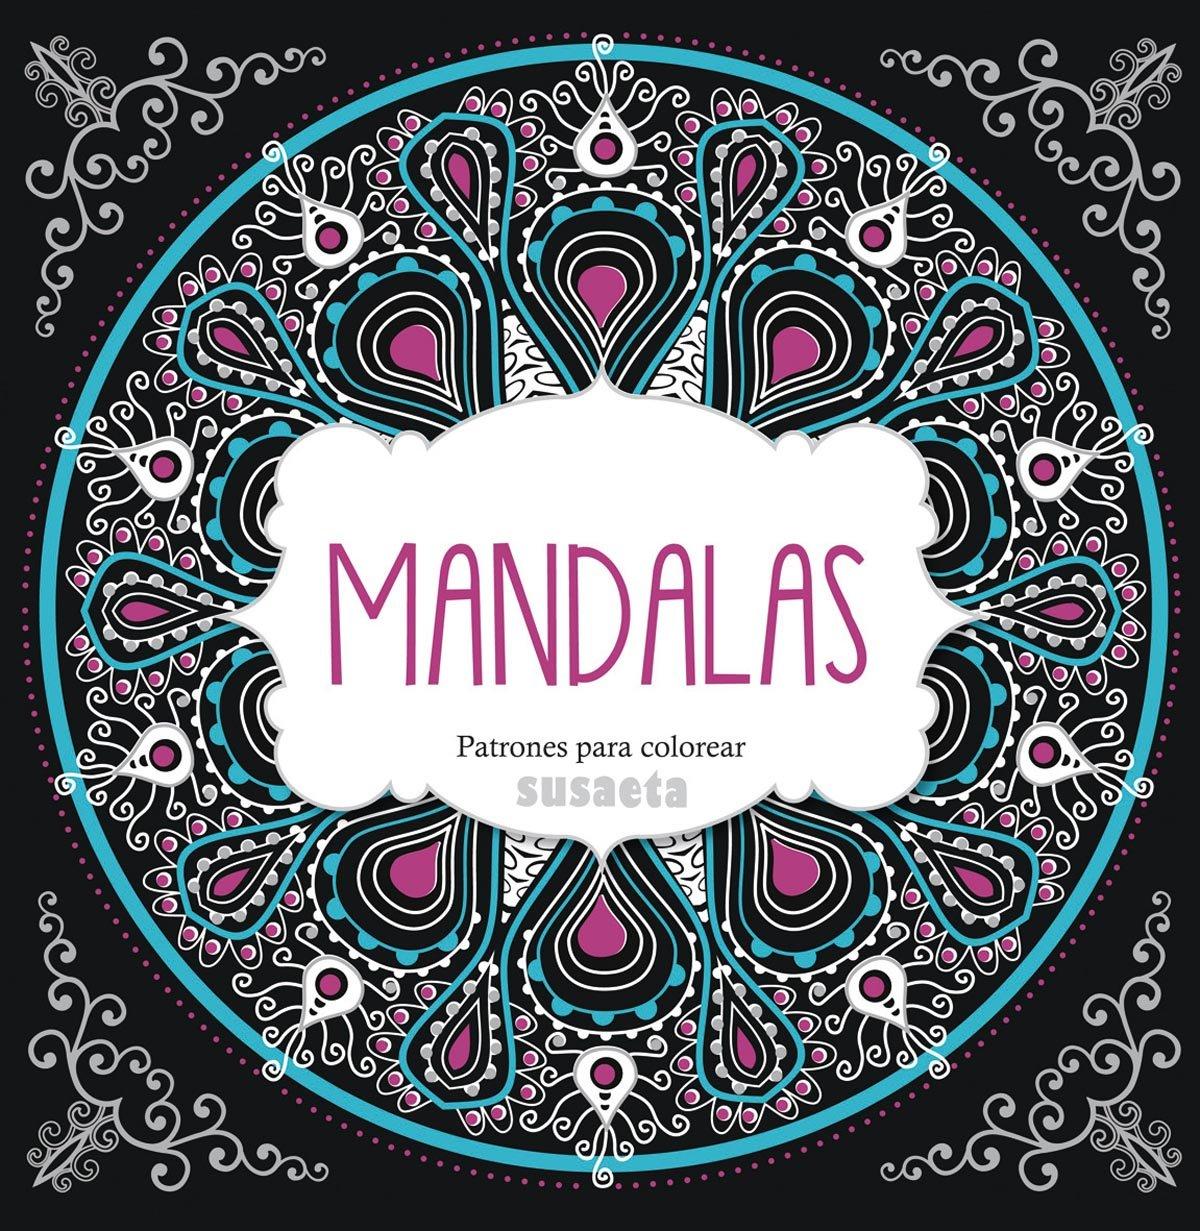 Mandalas: Amazon.es: Equipo Susaeta: Libros